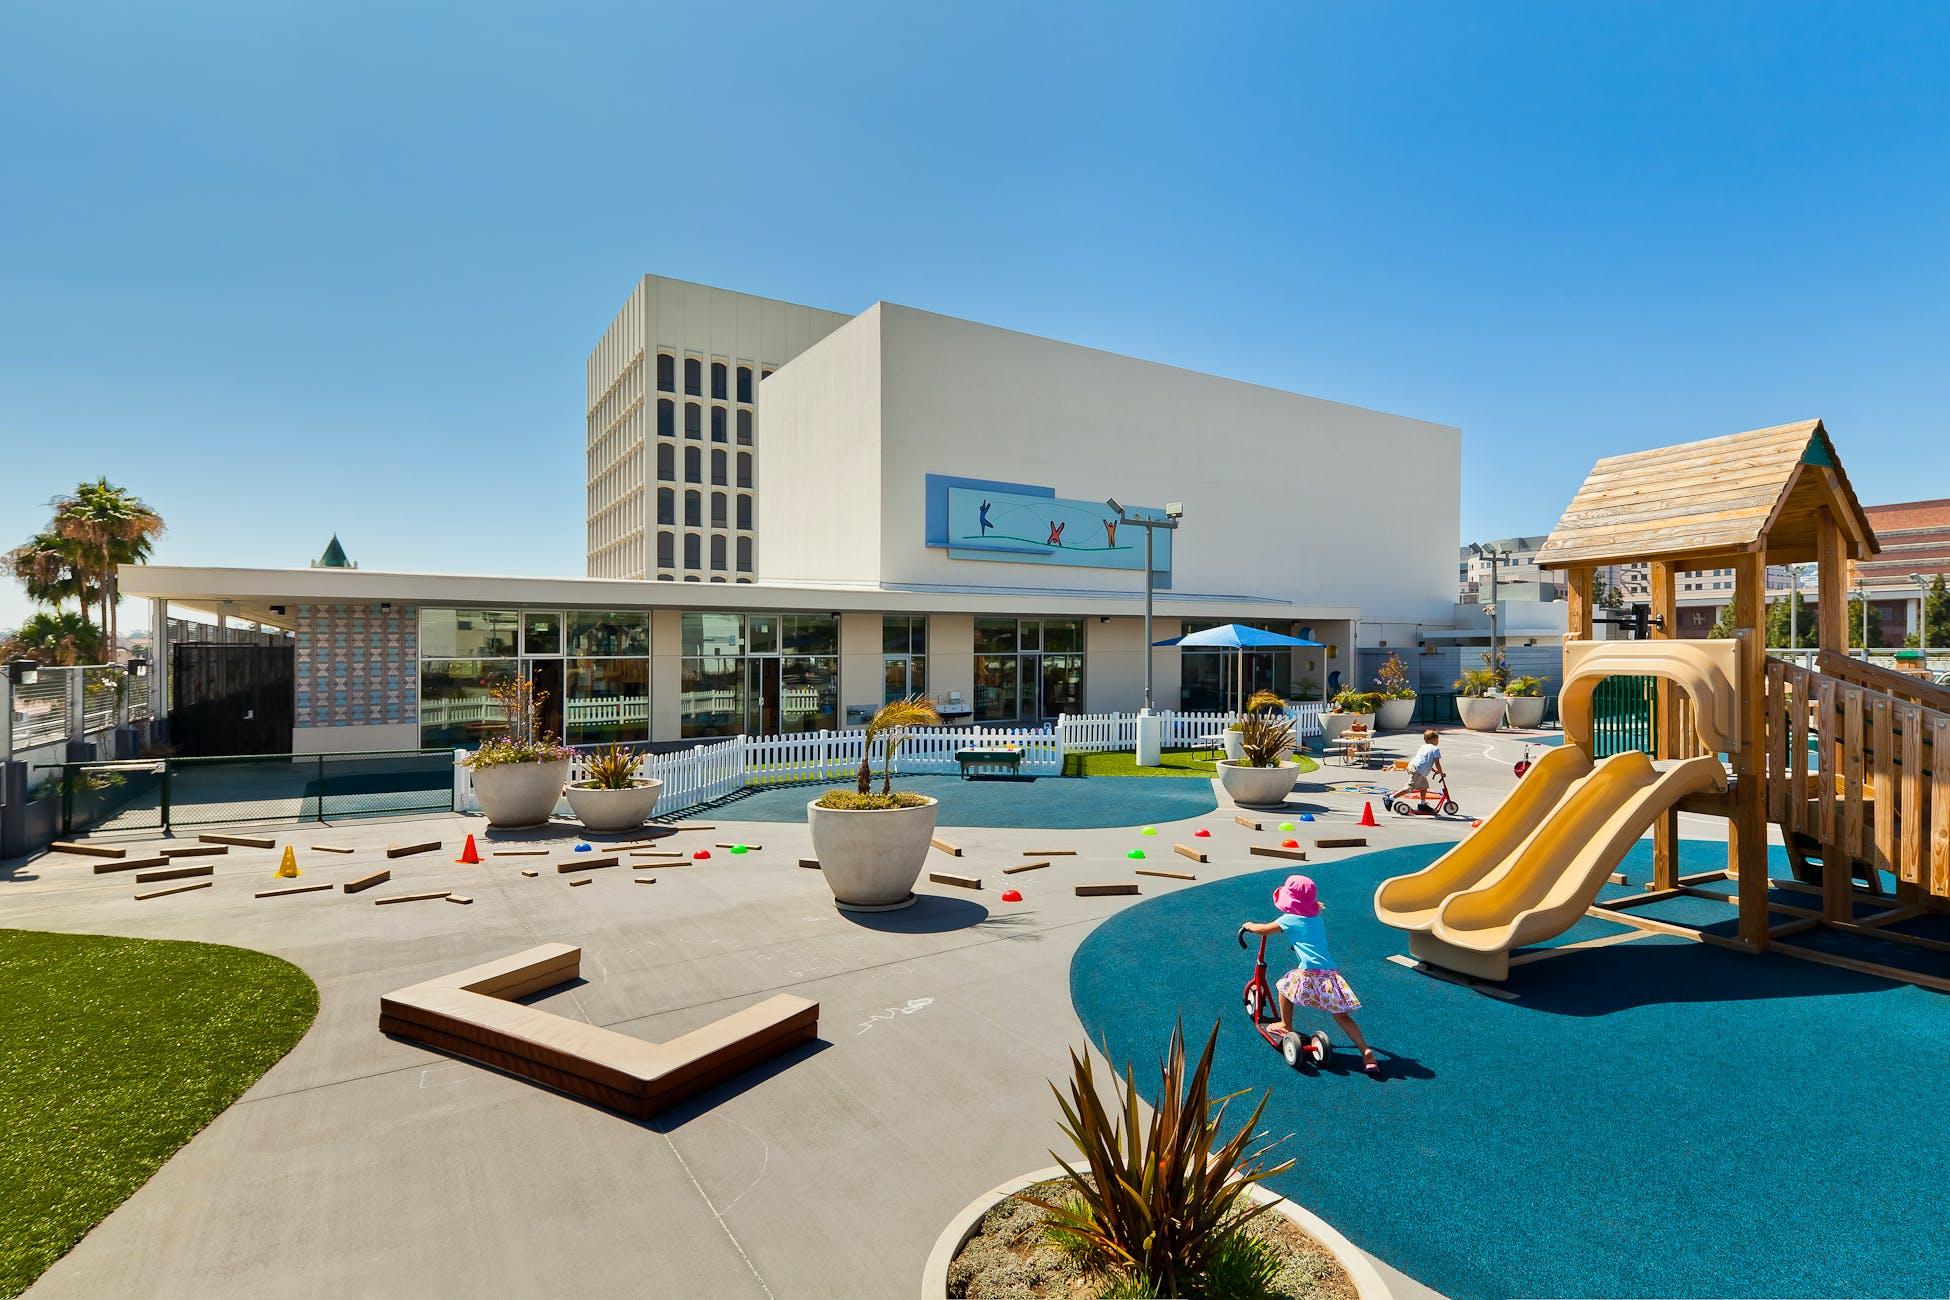 Westwood Child Care